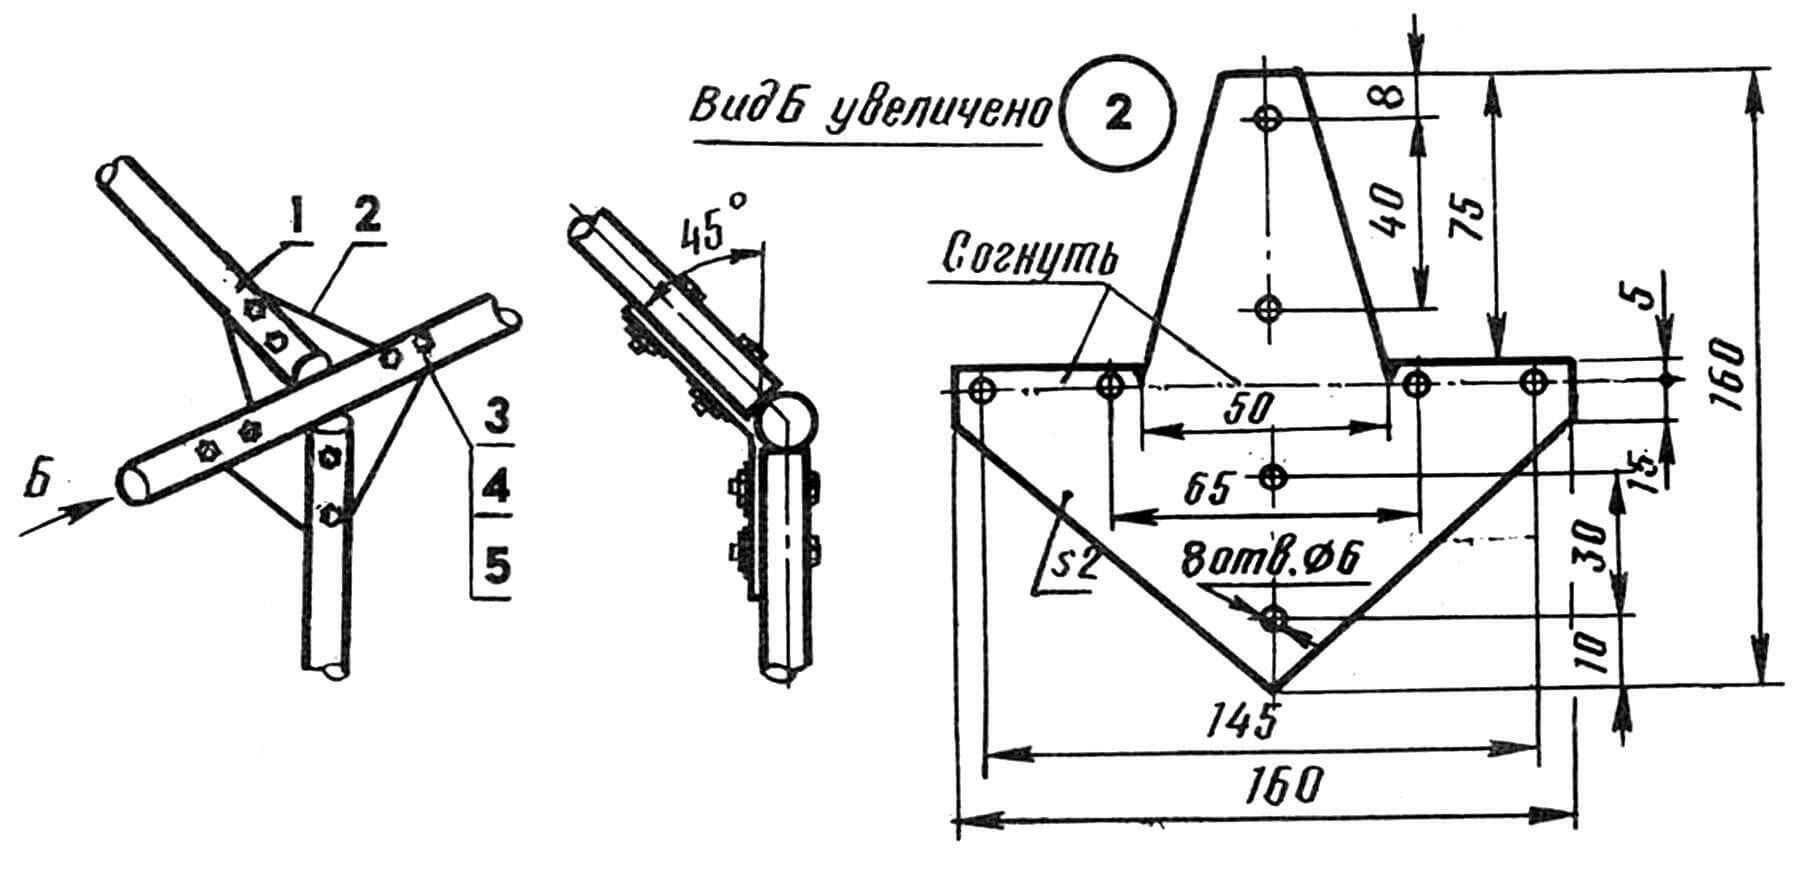 Узел на трубах, но без муфт: 1 — составляющая остова теплицы (отрезок полудюймовой стальной водогазопроводной трубы), 2 — пластина крепежная (из 2-мм Ст3), 3 — болт М6, 4 — шайба Гровера, 5 — гайка М6.